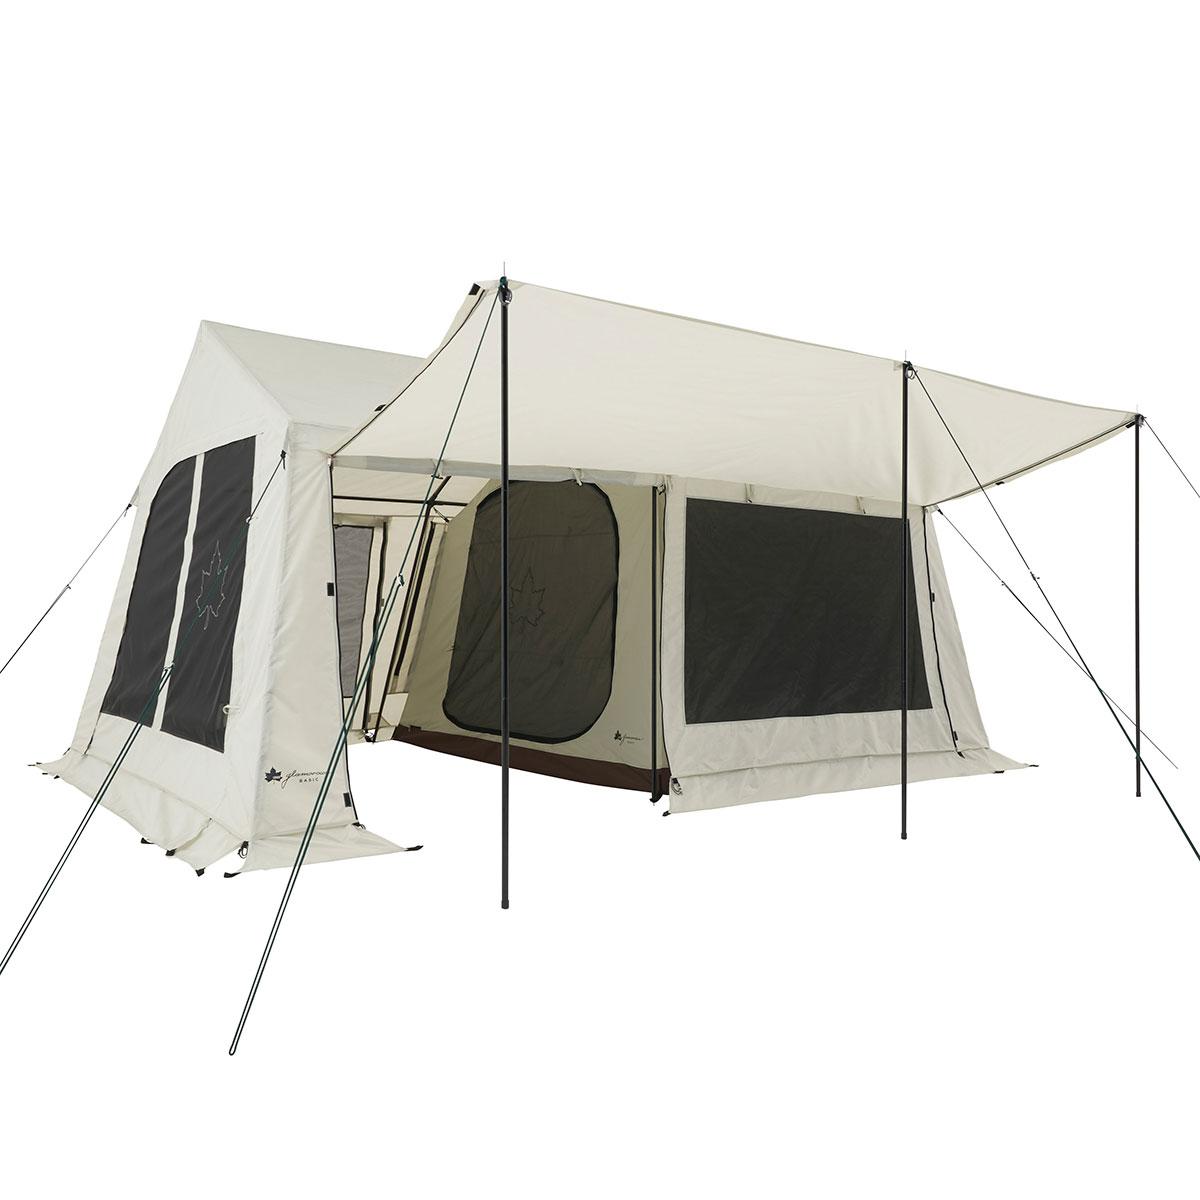 ロゴス(LOGOS) キャンプ用テント(3~5人用) グランベーシック リバイバルコテージ L-BJ 71805546 テント タープ キャンプ用テント キャンプ アウトドア